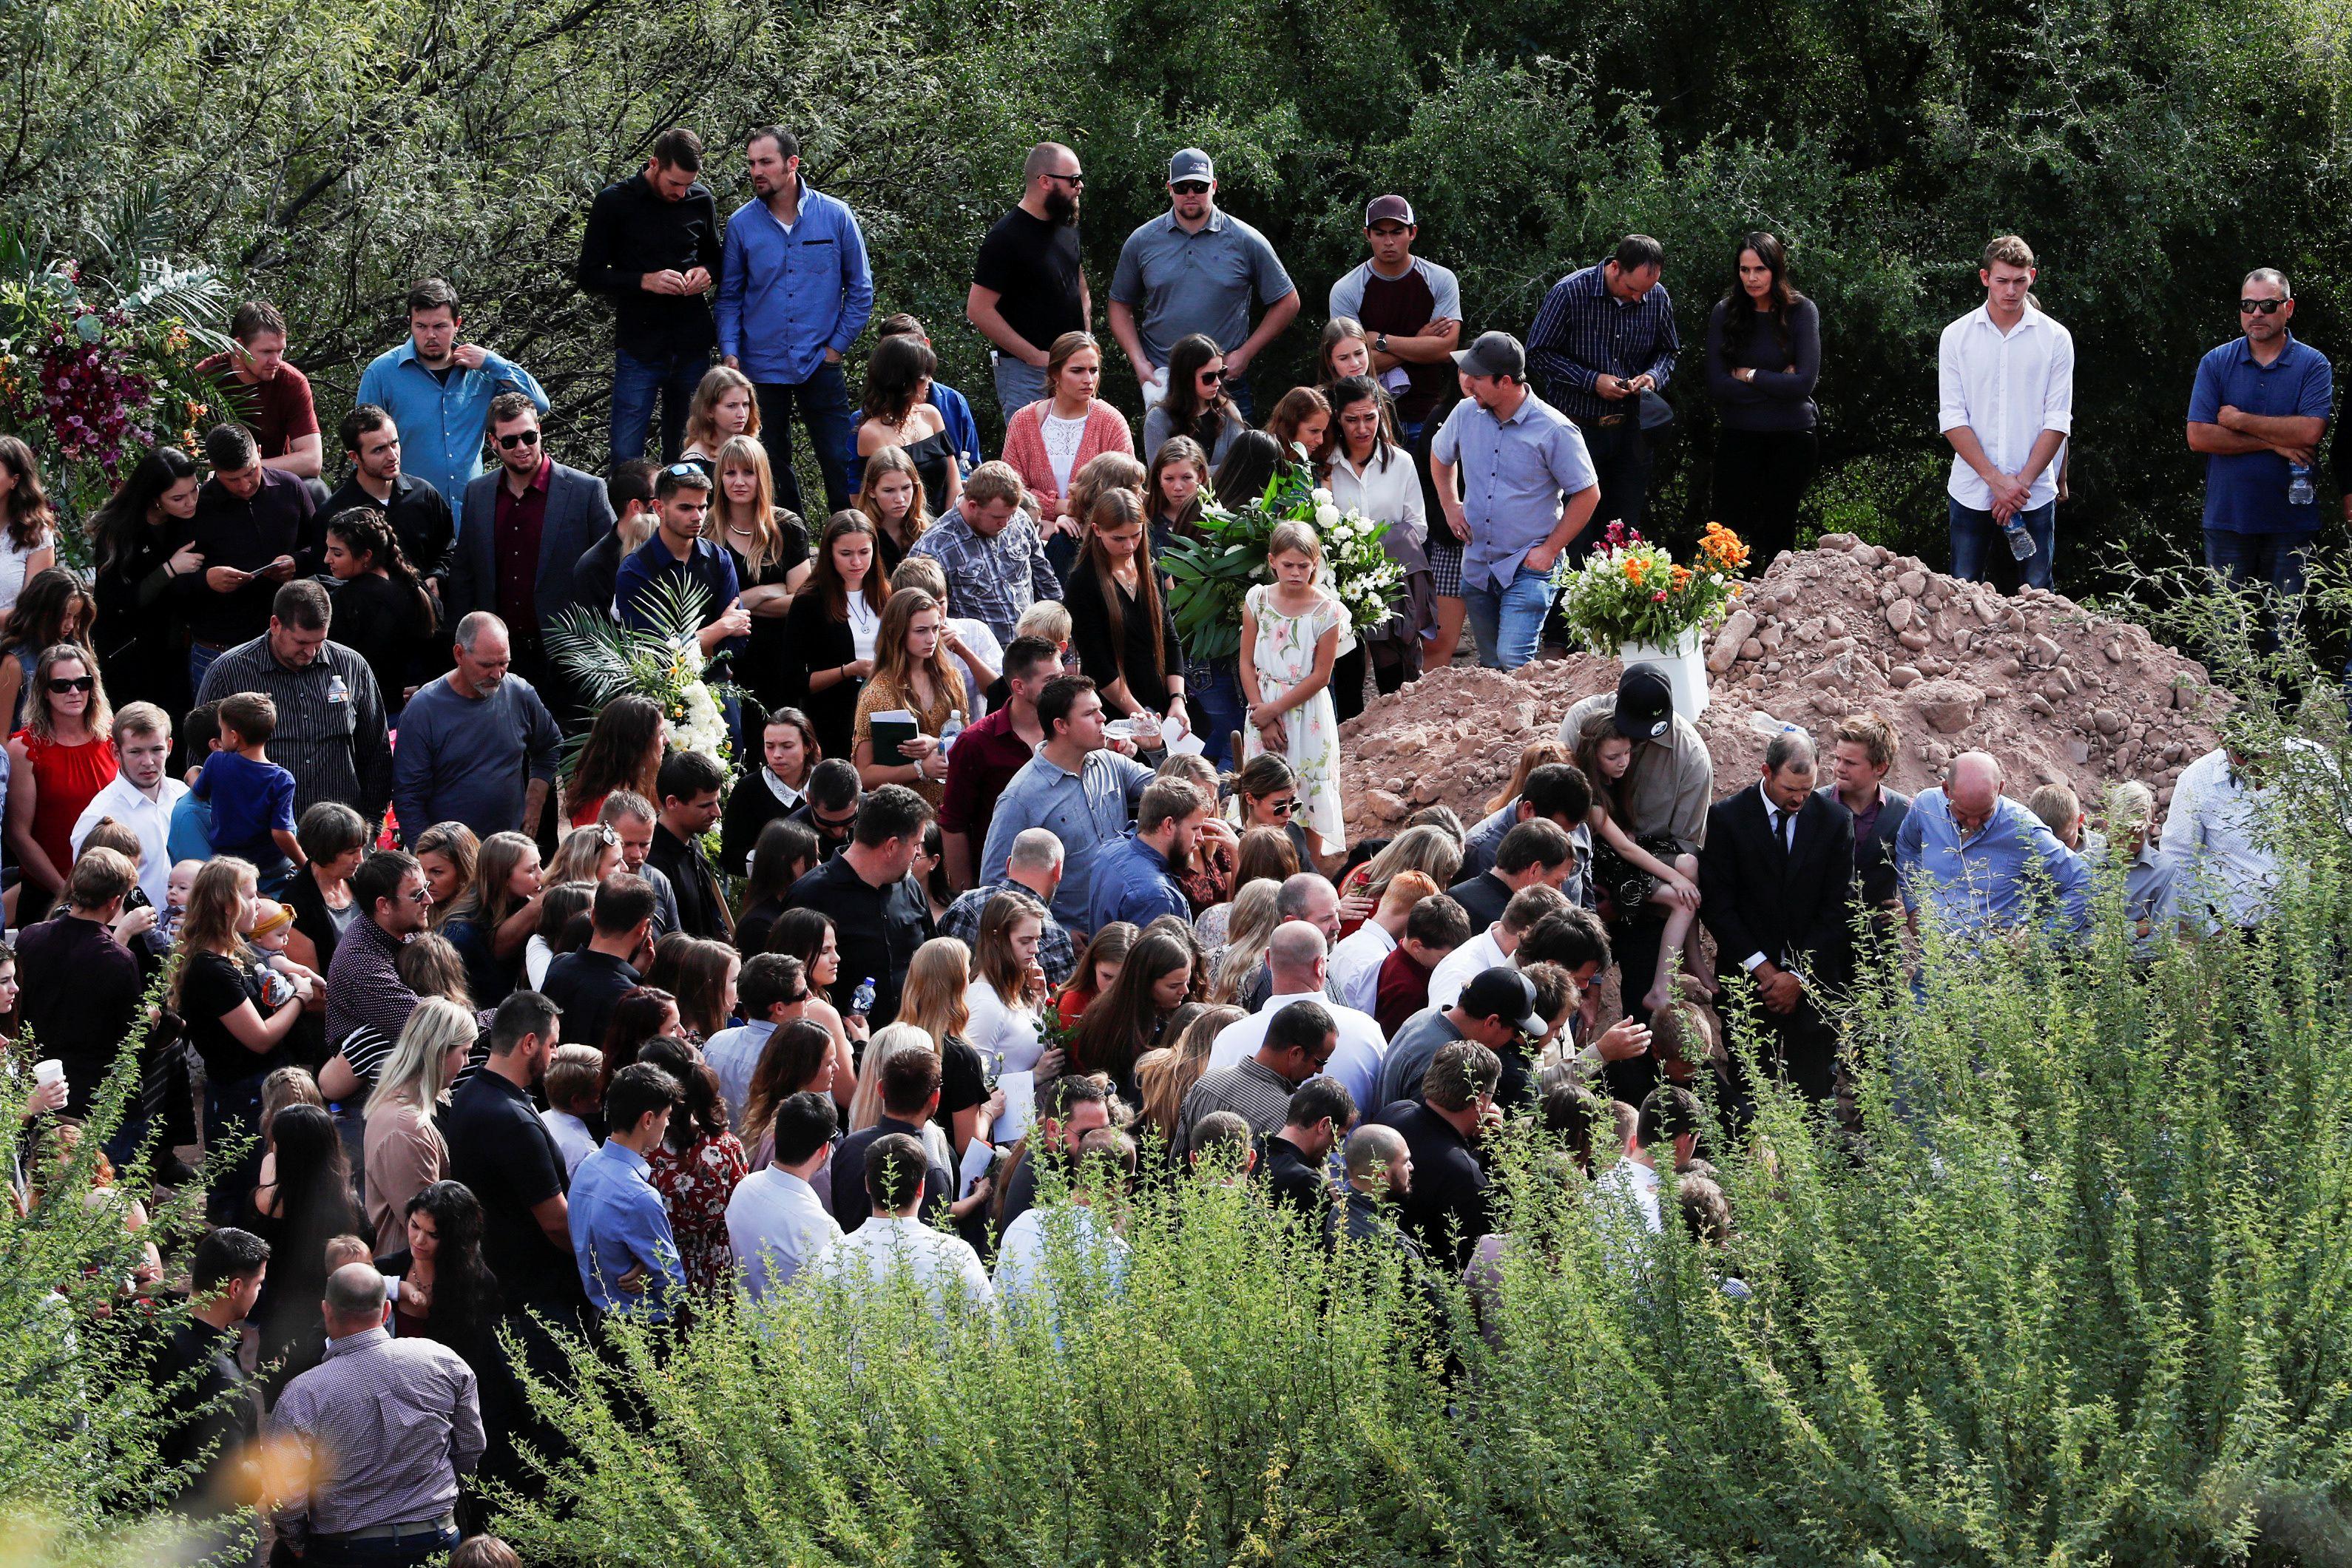 La comunidad mormona de La Mora está integrada por más de 300 habitantes (Foto: Reuters/Carlos Jasso)